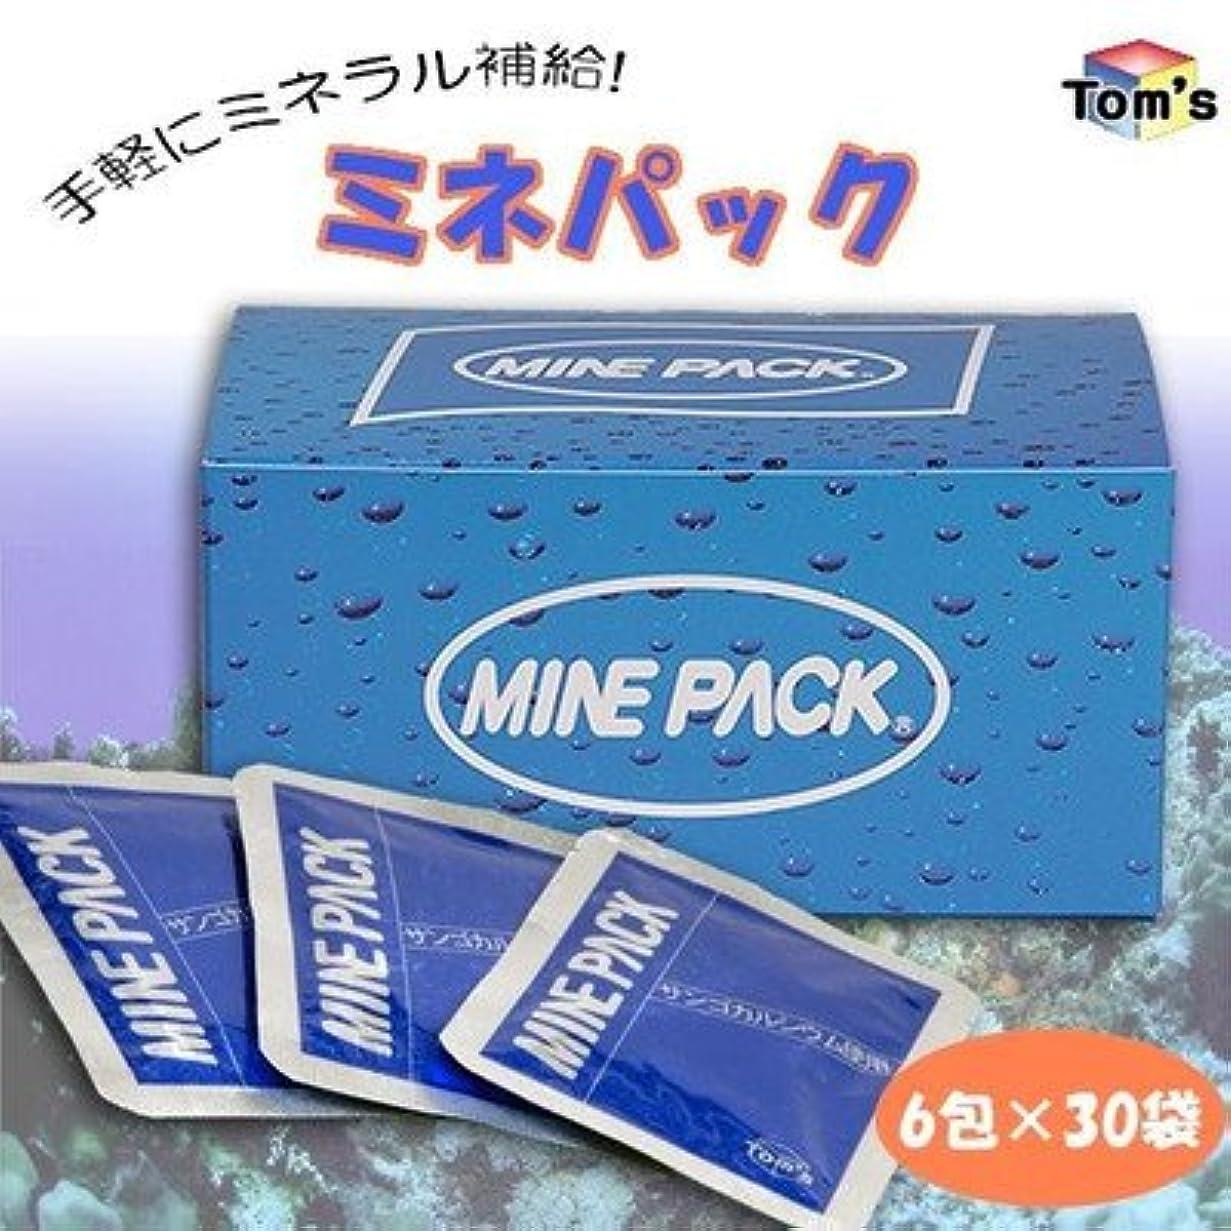 曲げるアイスクリームファイバ手軽にミネラル補給 ミネパック 1箱(6包×30袋)